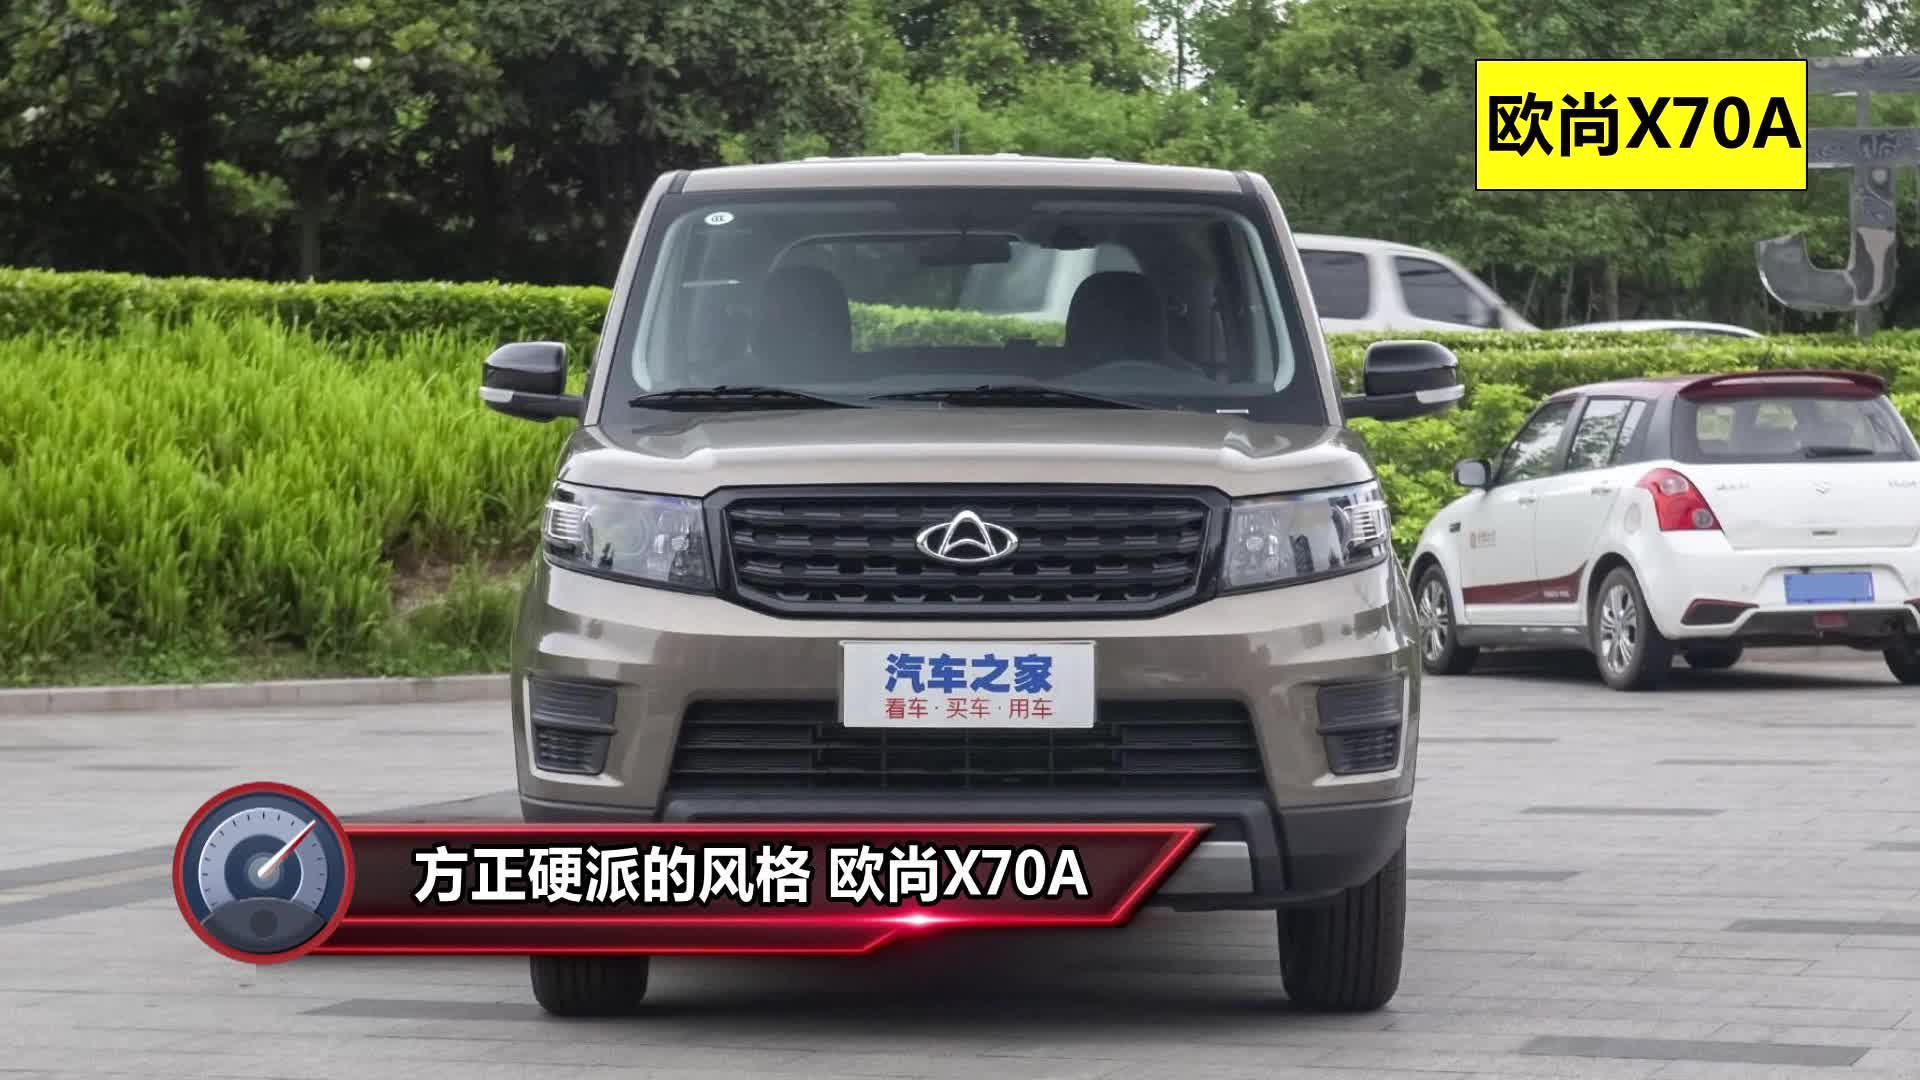 视频:方正硬派的风格 长安欧尚X70A这款车质量好吗?